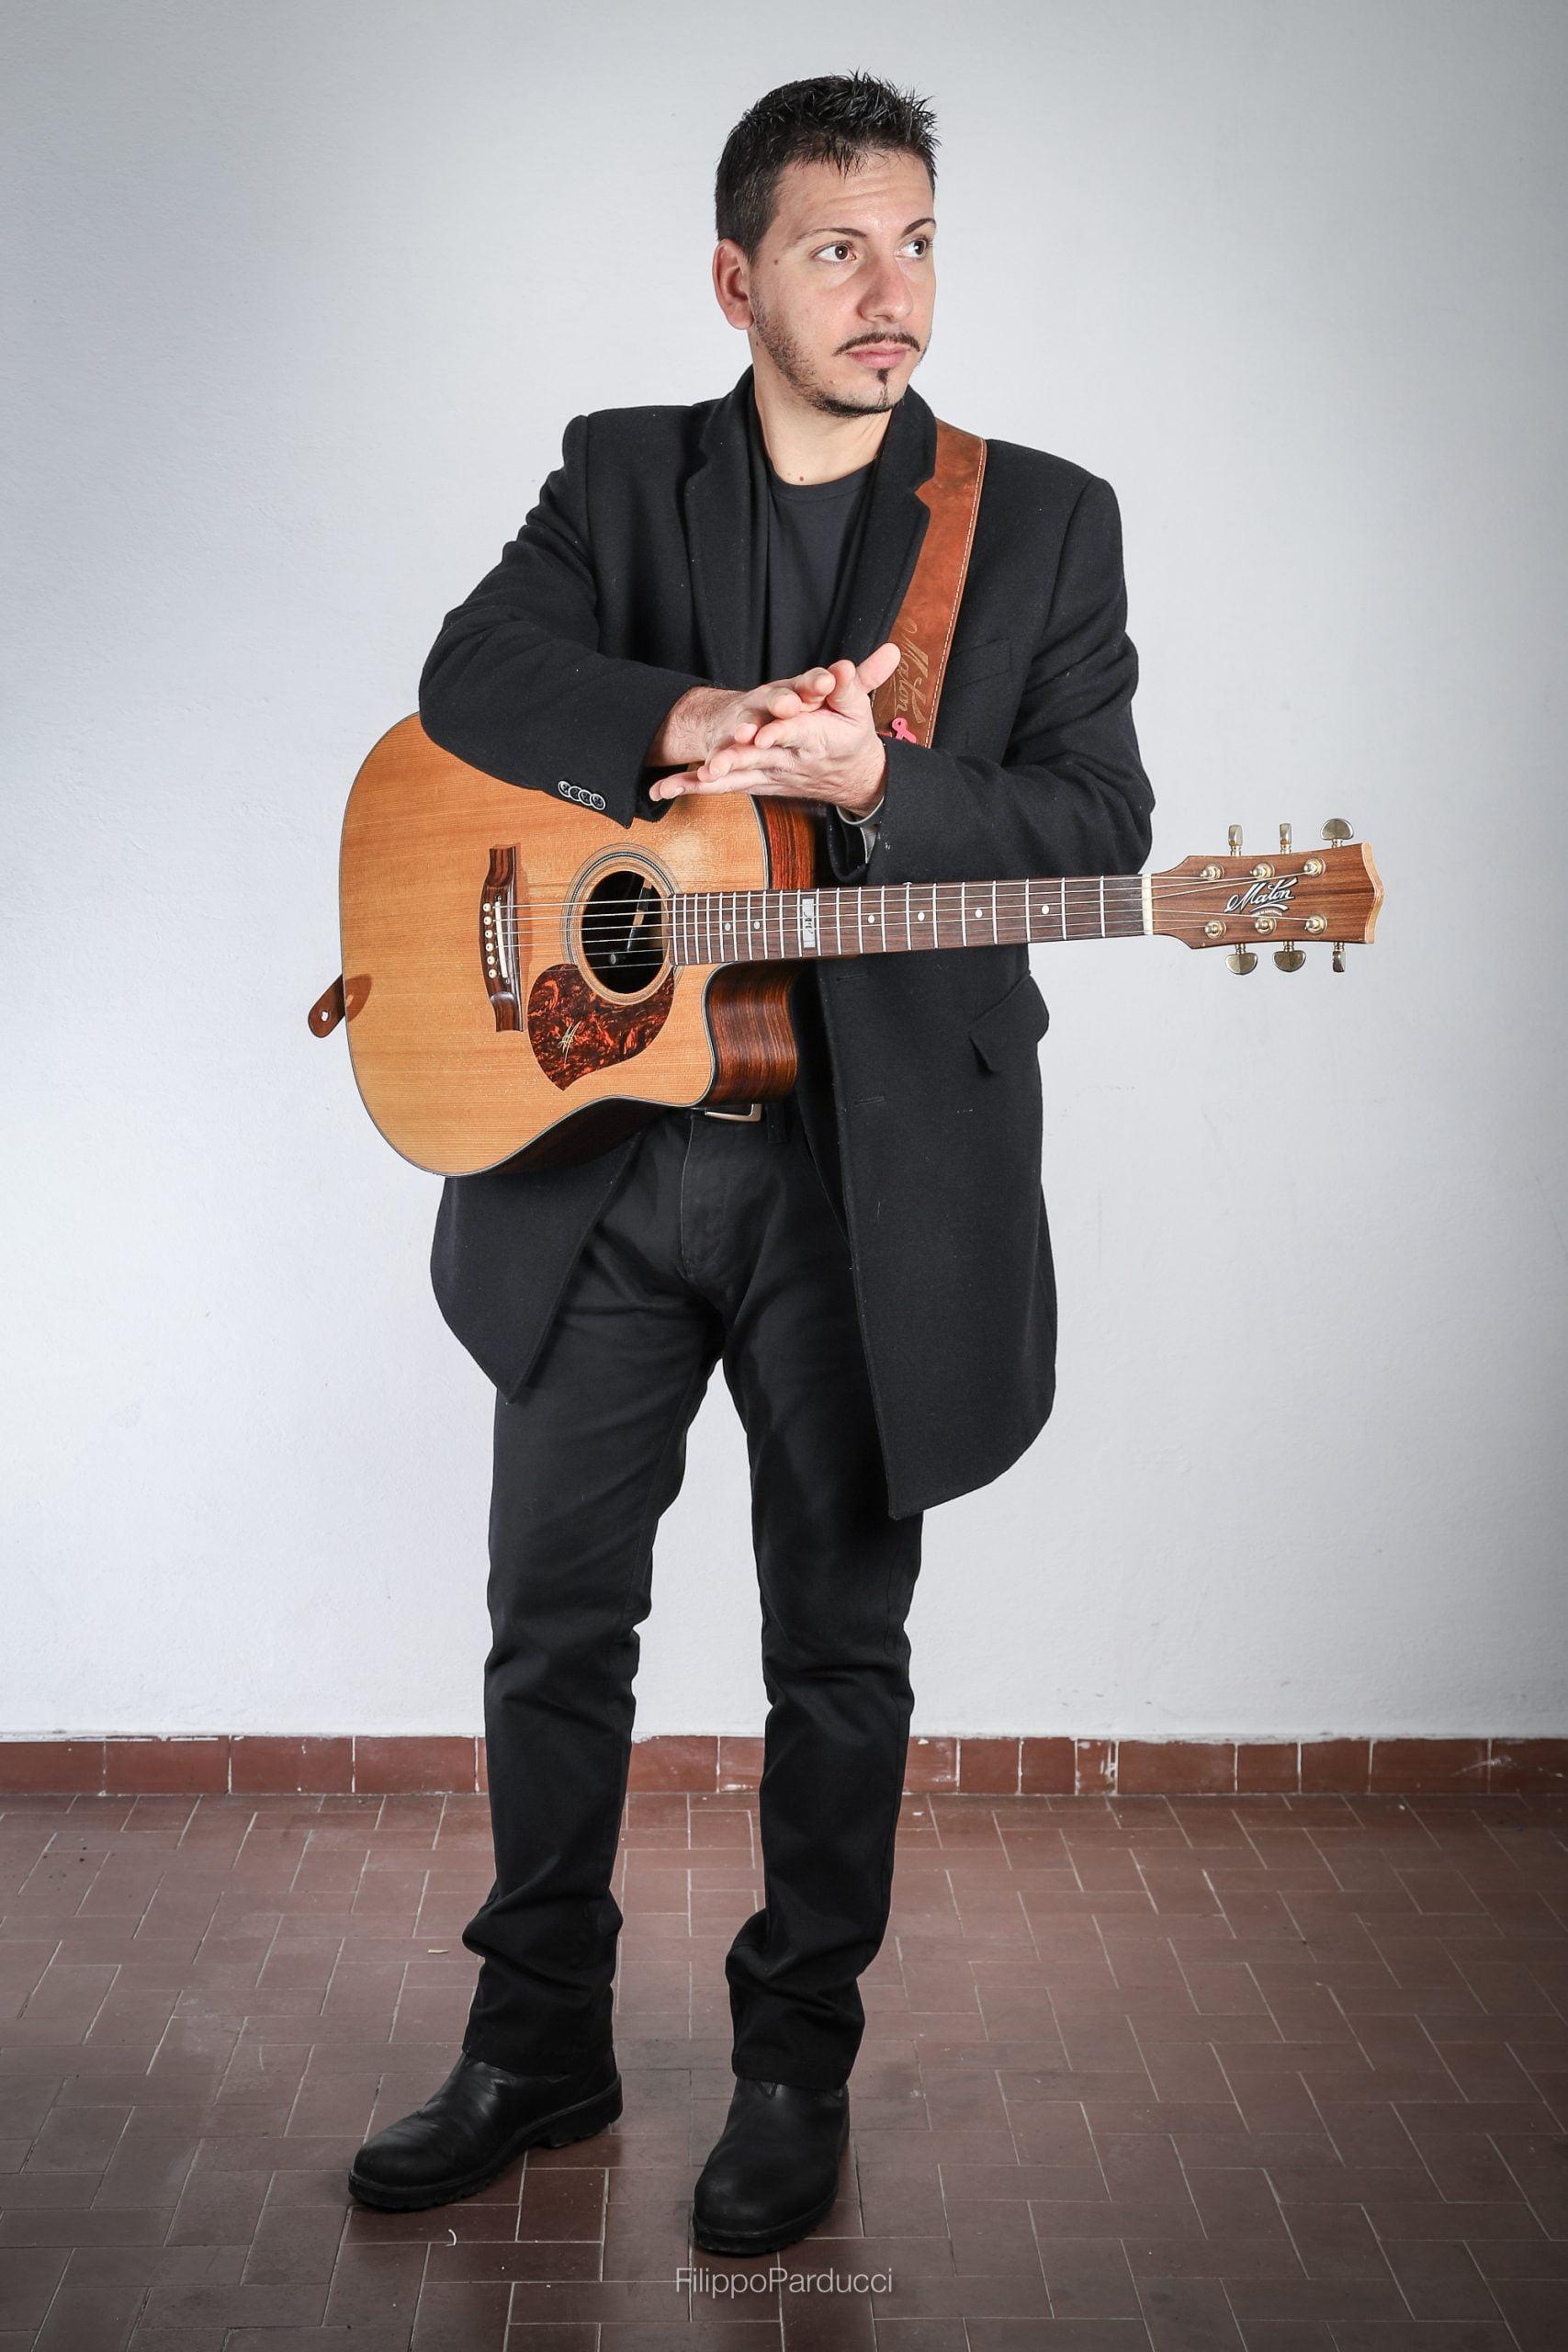 Guitarist Andrea Valeri